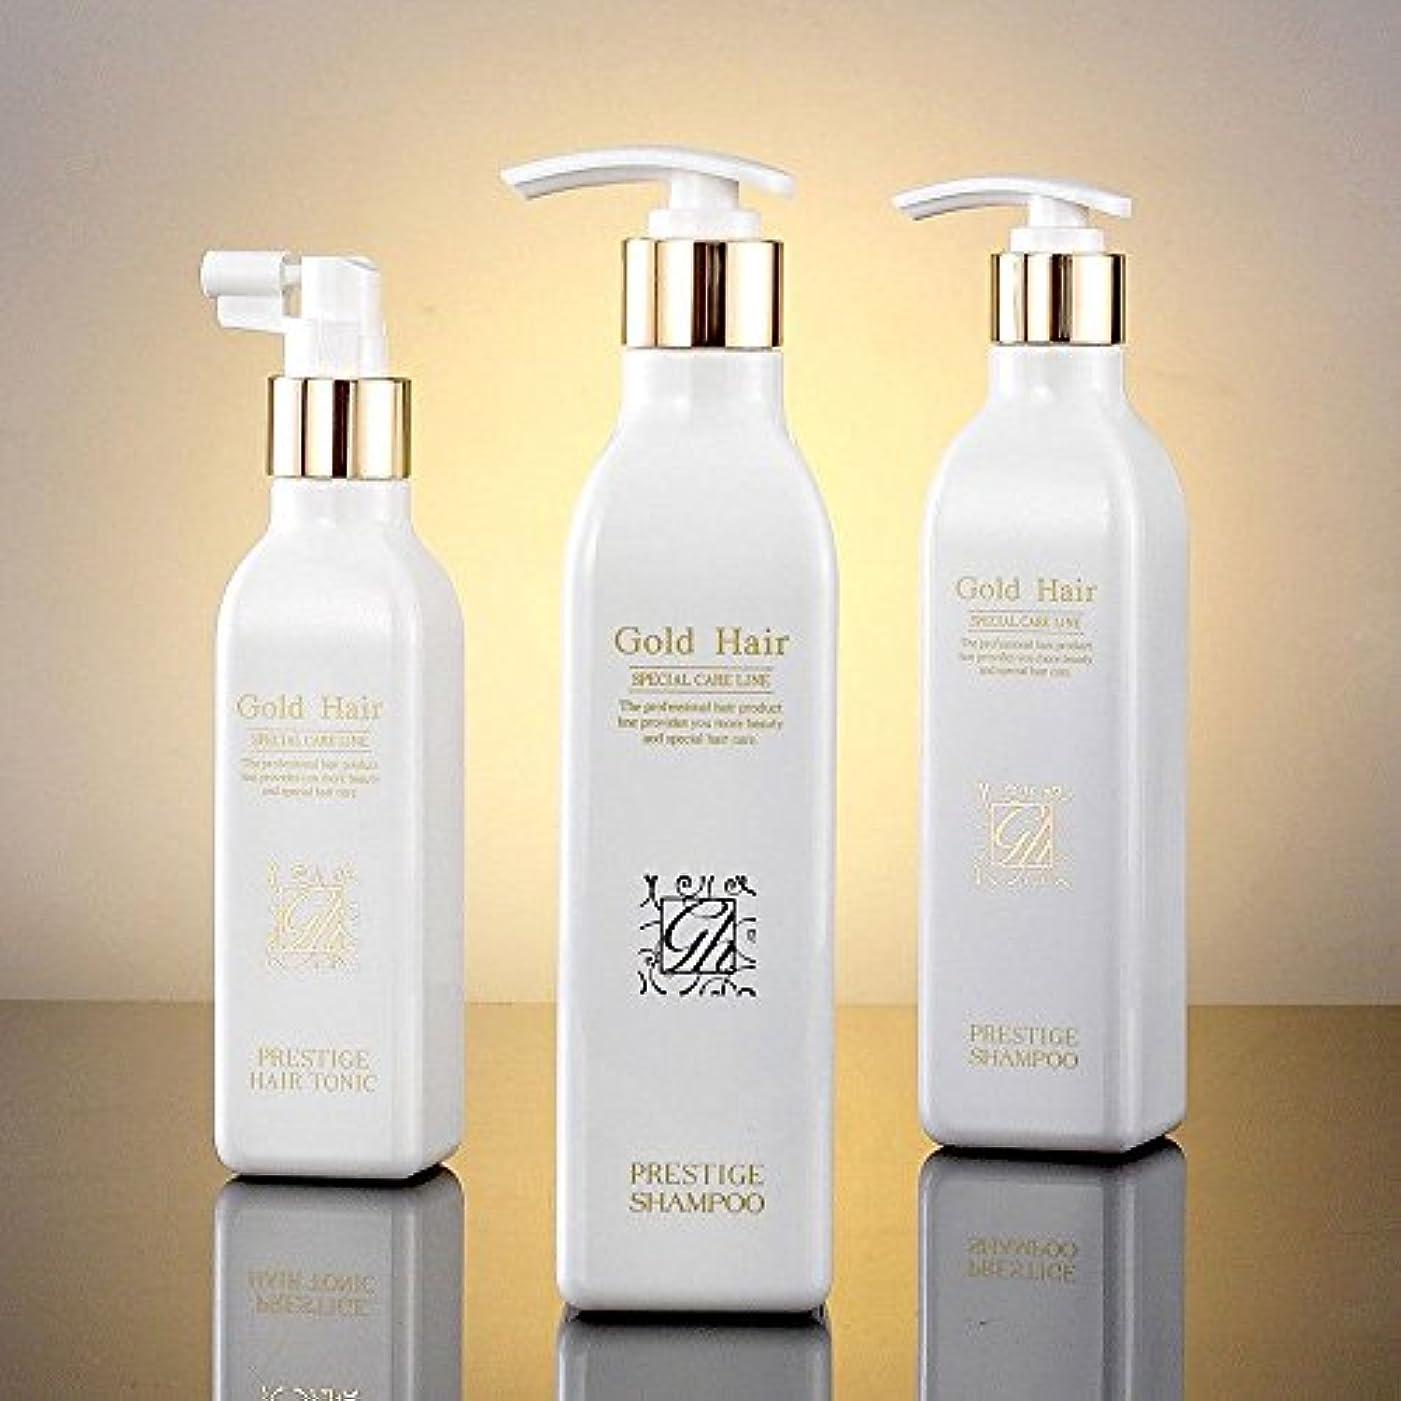 利益引き算視力ゴールドヘア育毛シャンプー2個&トニック1個 漢方シャンプー /Herbal Hair Loss Fast Regrowth Shampoo 100% Natural Patented Set of 3(2 shampoo...